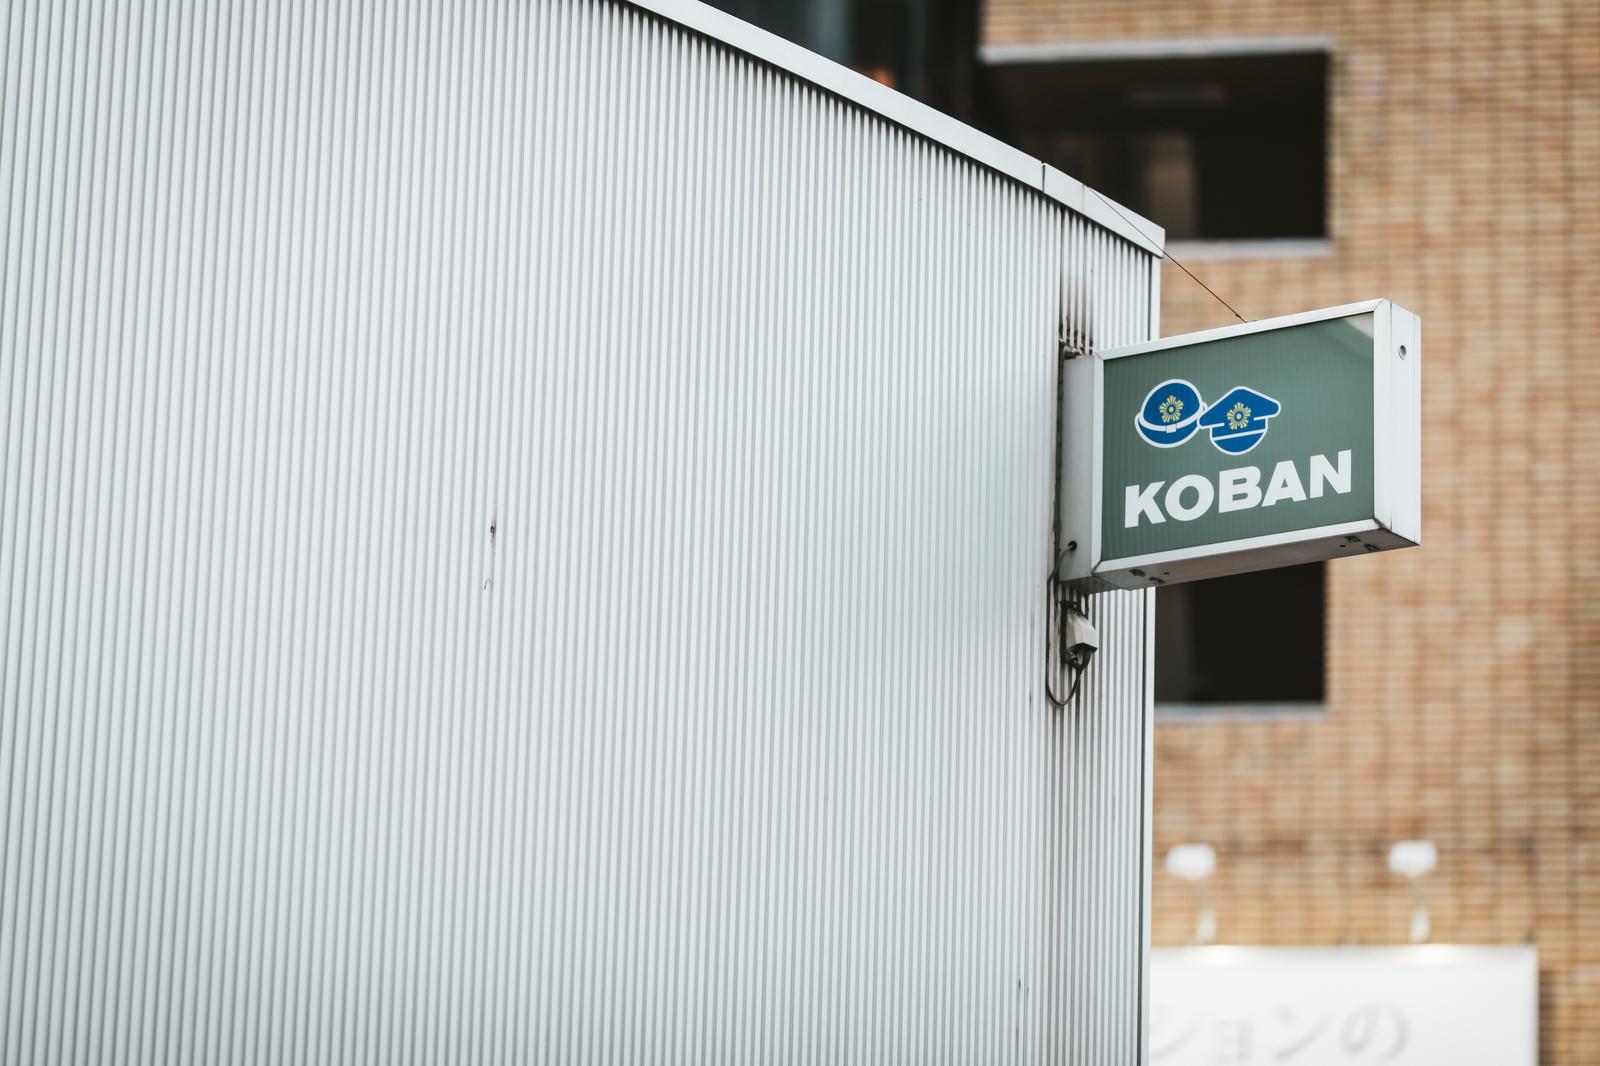 「KOBAN」の写真